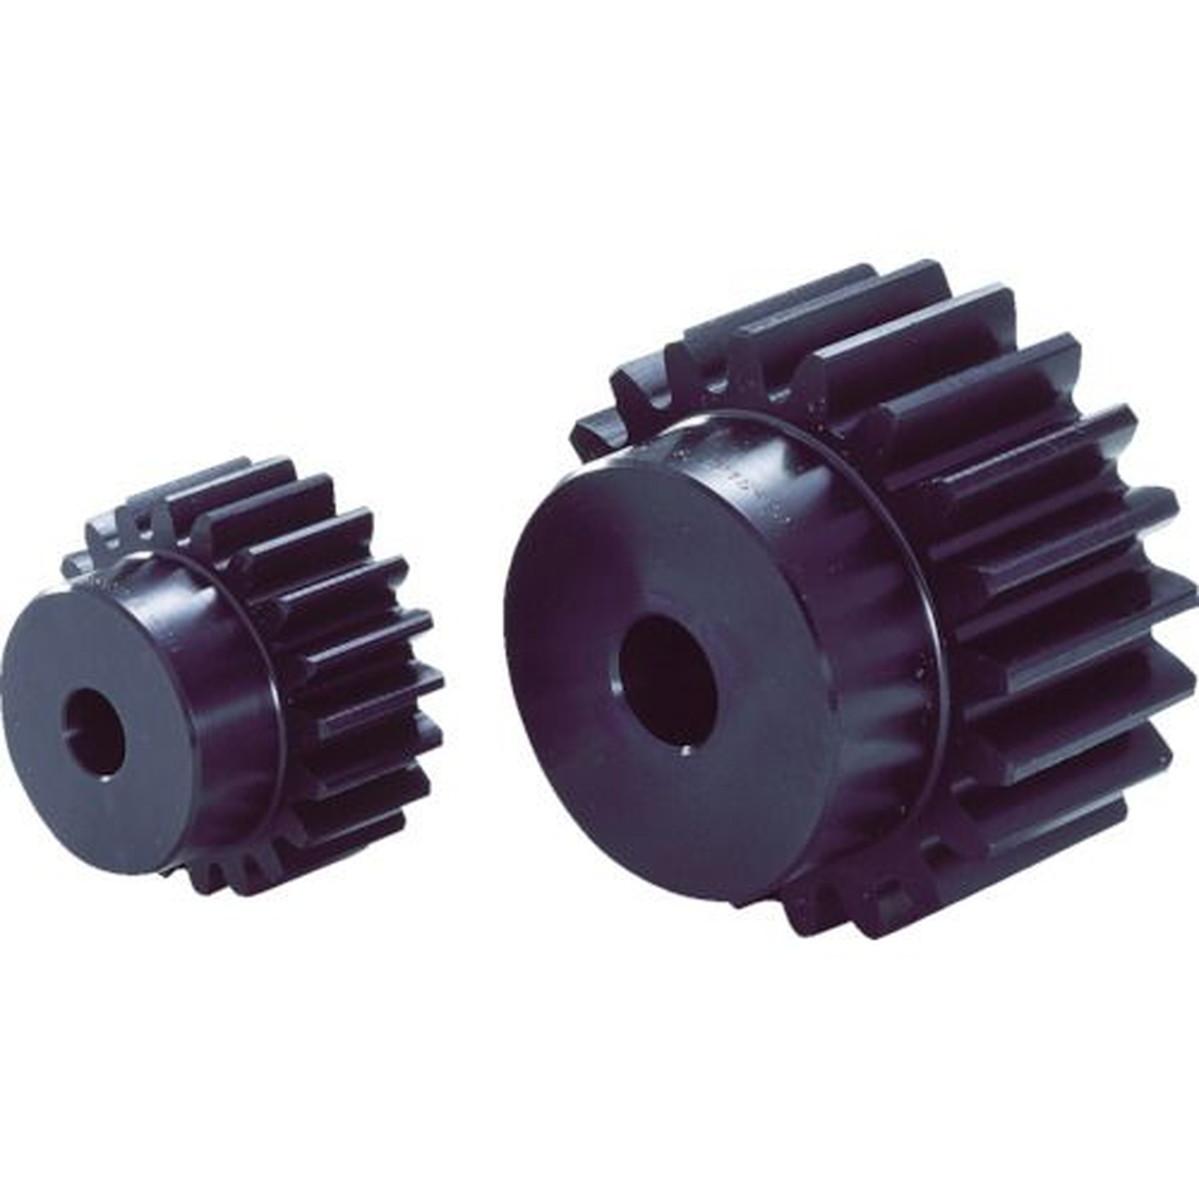 最高の CP平歯車SSCP15−30 KHK 1個KHK CP平歯車SSCP15-30 1個, ギフトの専門店 スマイルギフト:07538282 --- promotime.lt